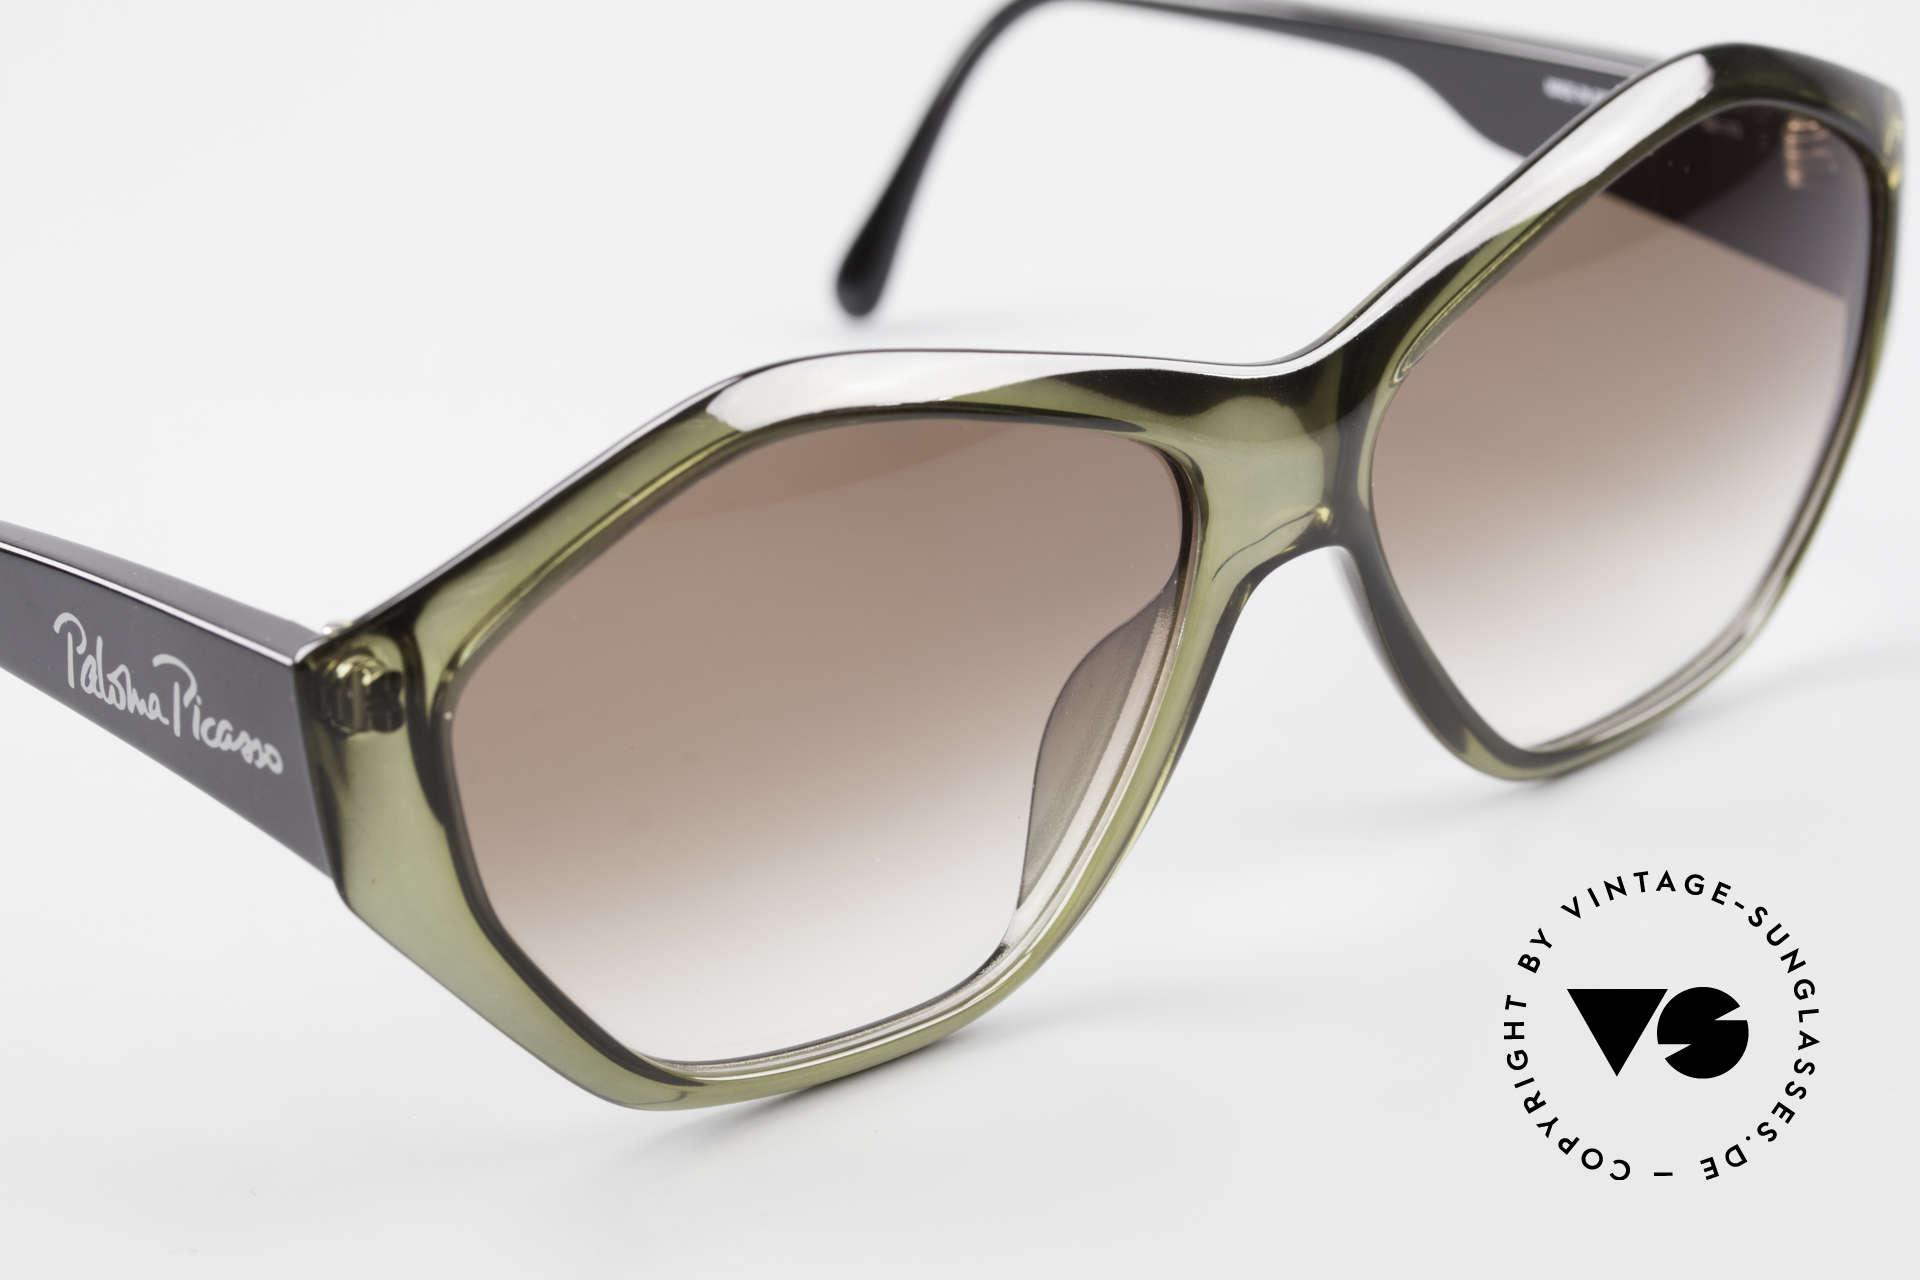 Paloma Picasso 1463 90er Optyl Damen Sonnenbrille, das Etui kann auch als Geldbörse benutzt werden, Passend für Damen